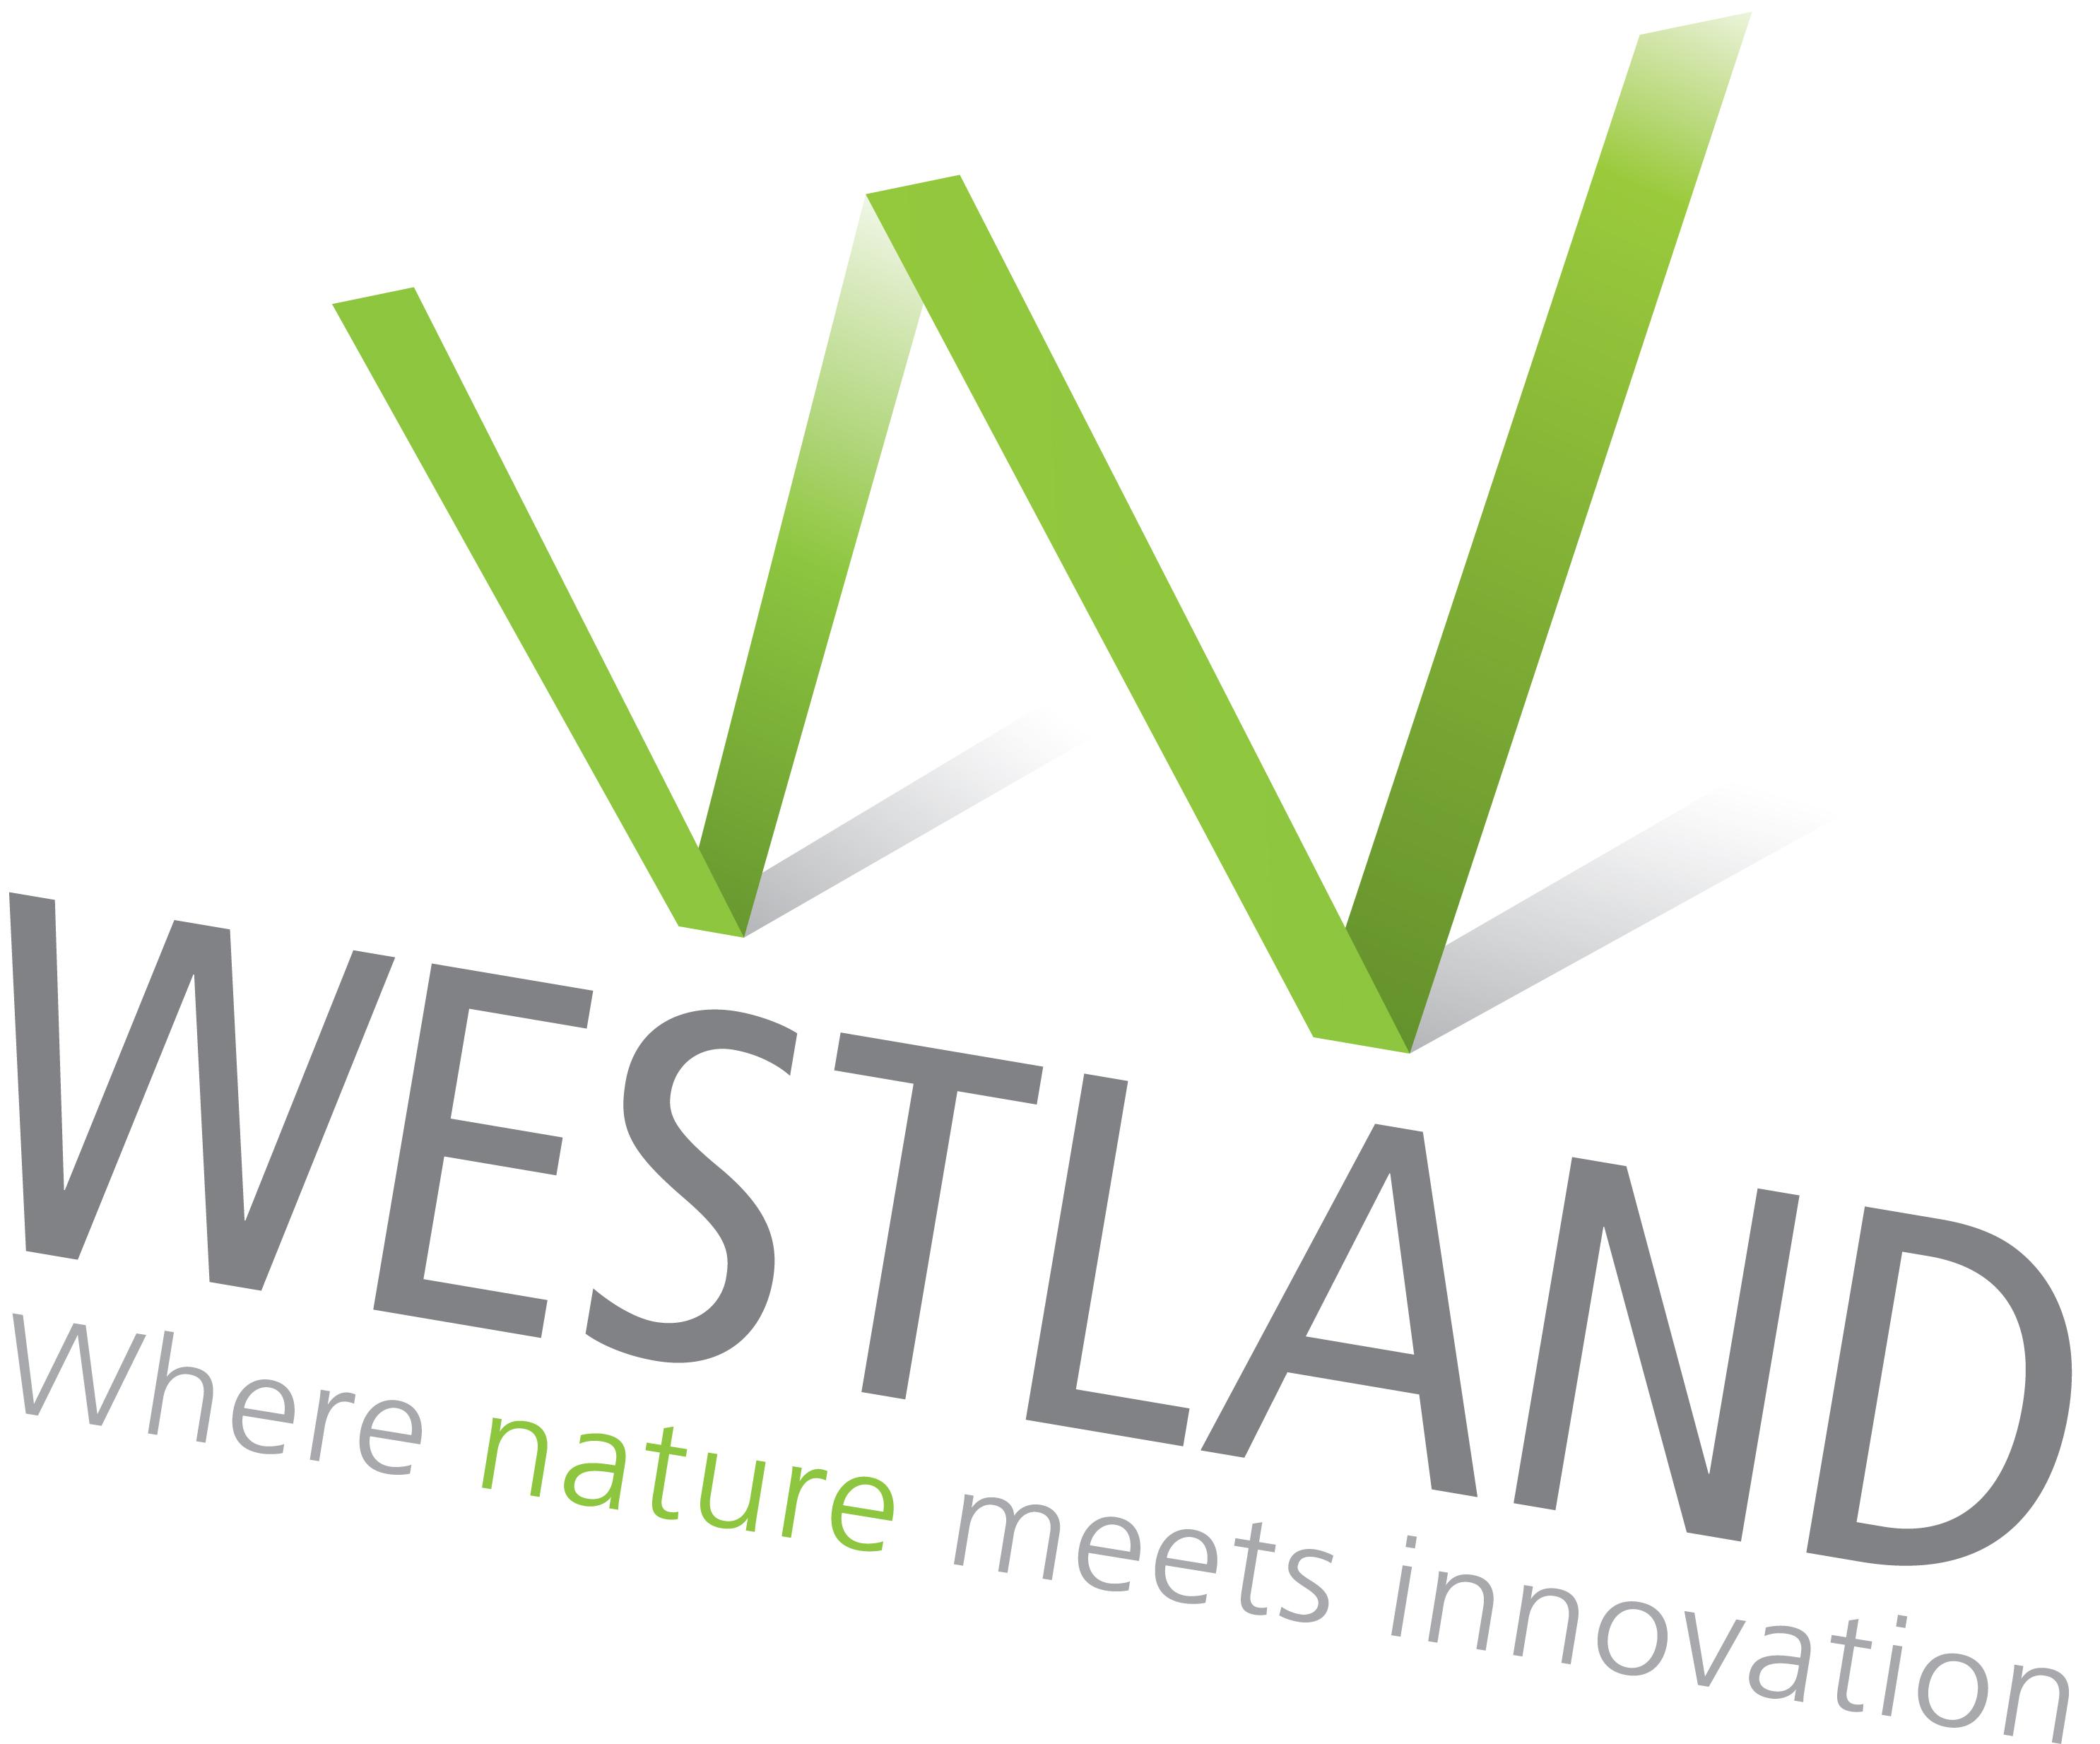 westland groepsrondreizen inspired by westland